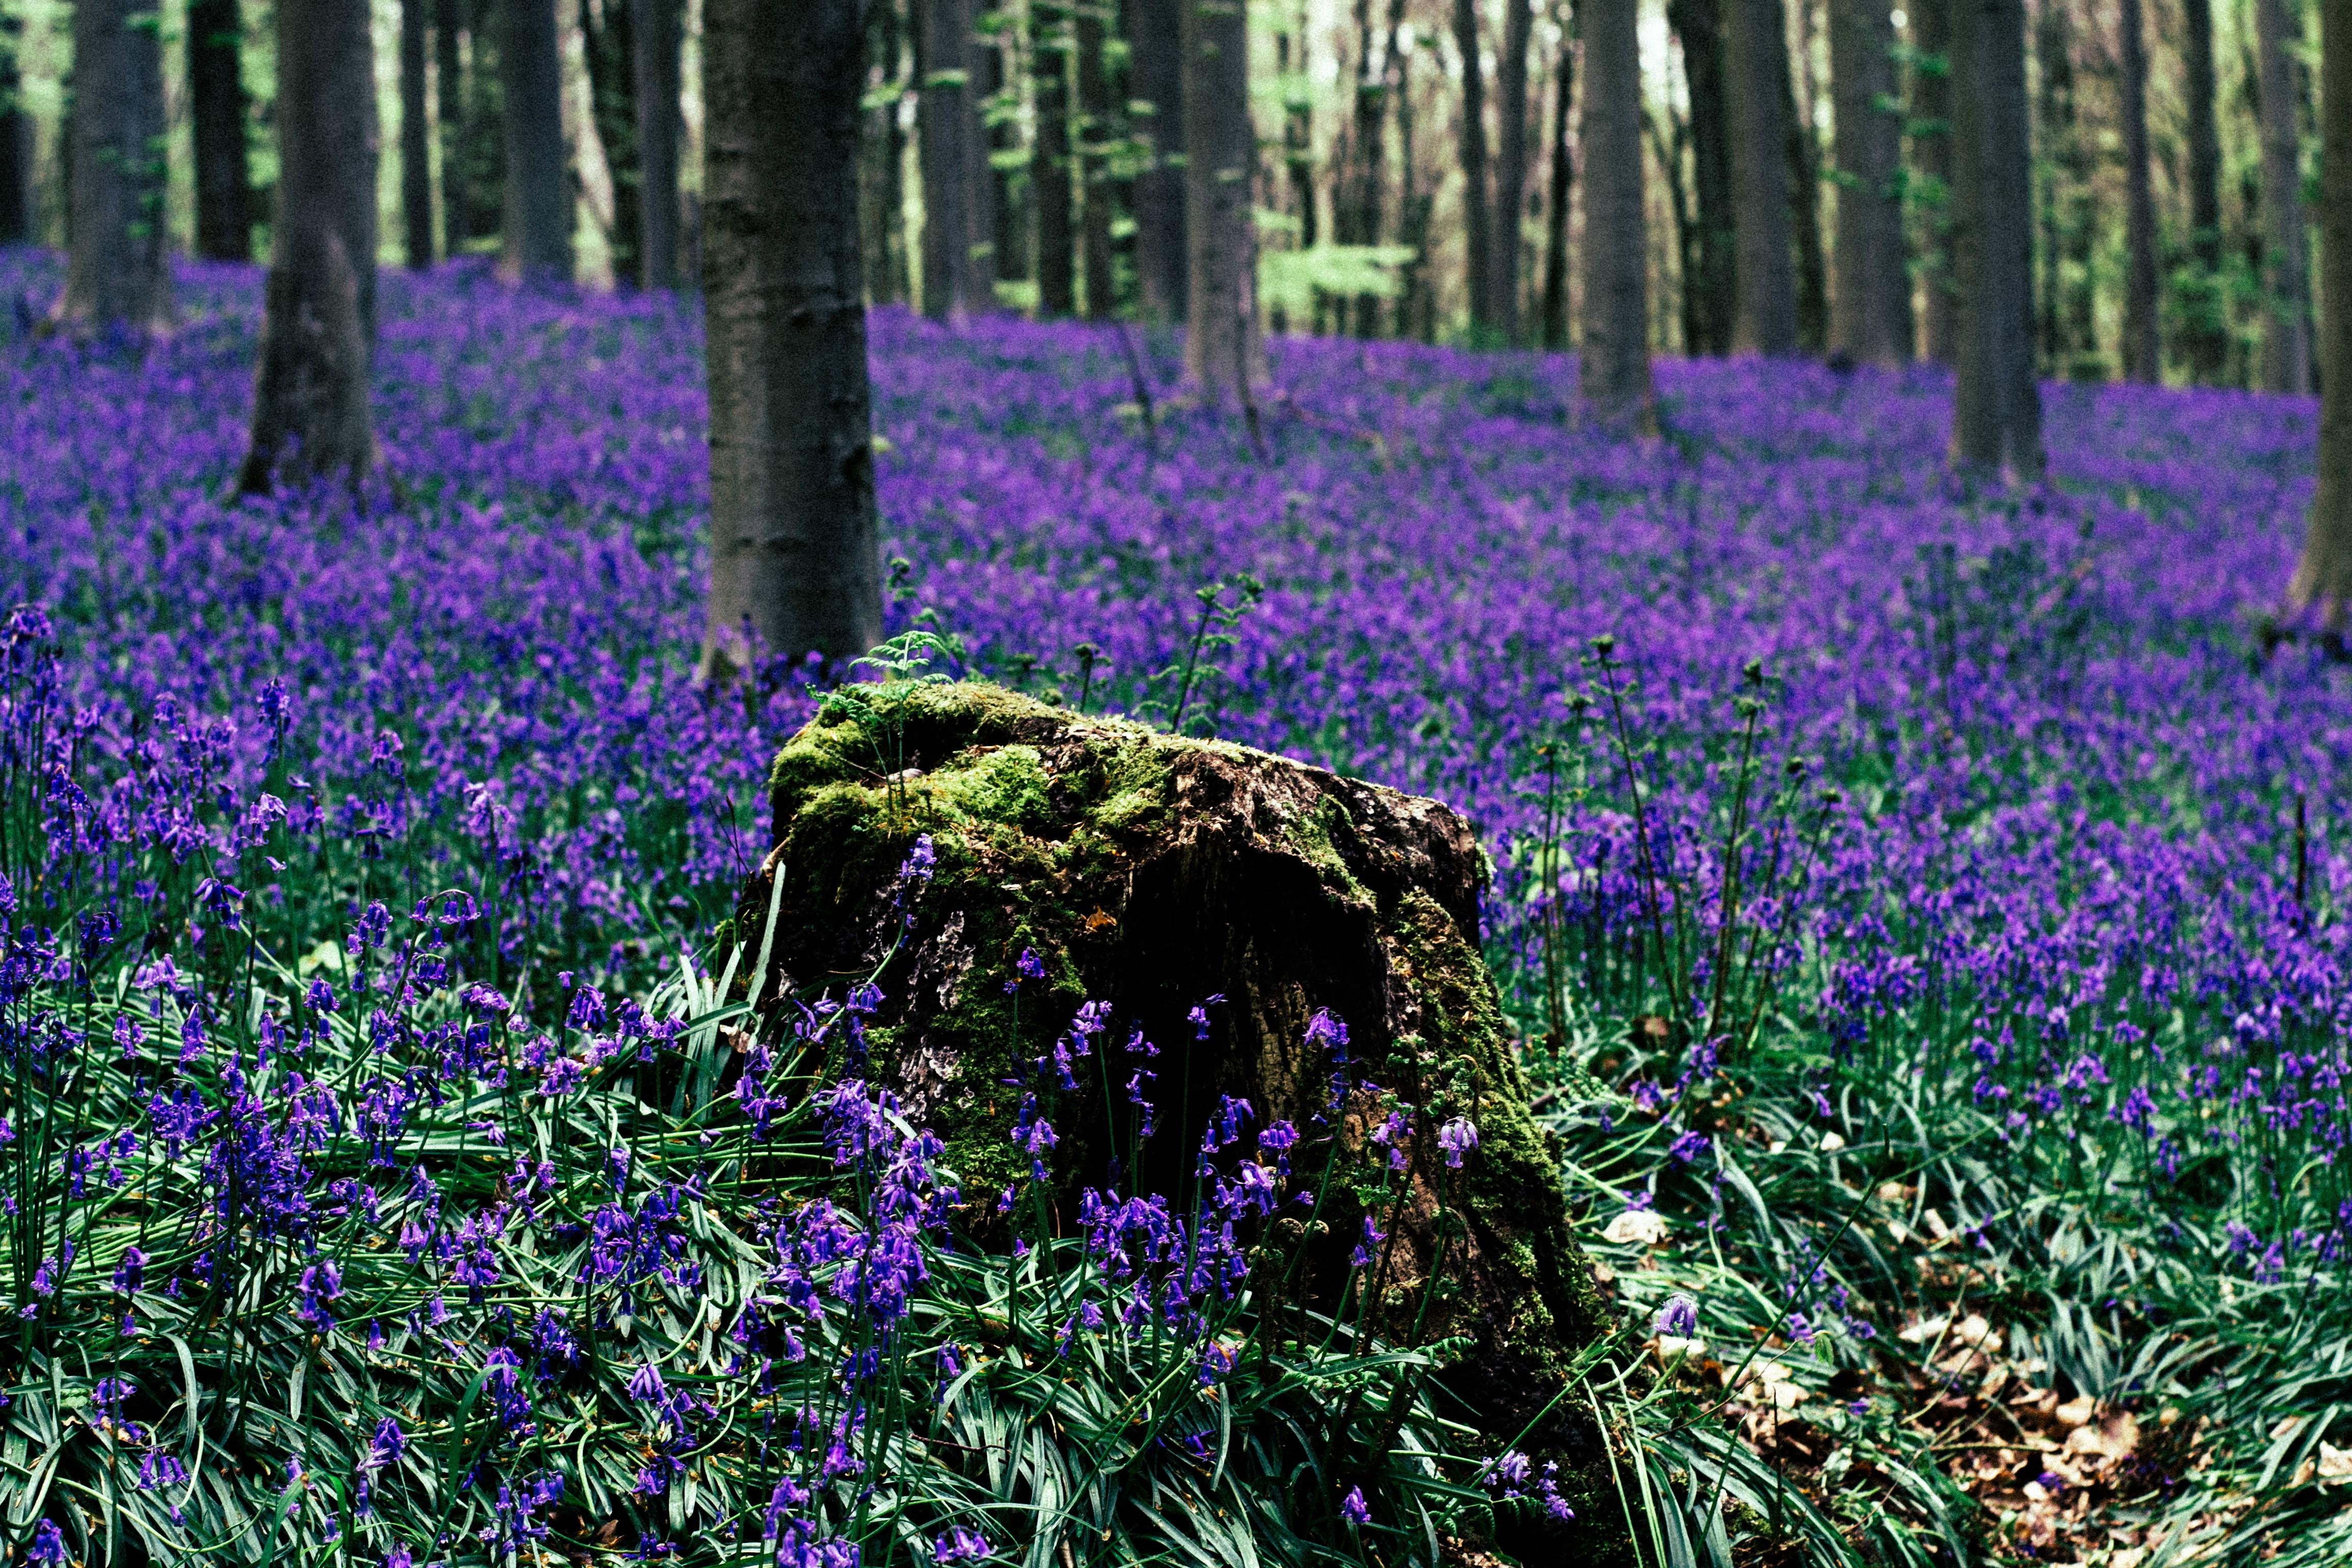 основных лесные цветы картинки и названия цветов узнаете том